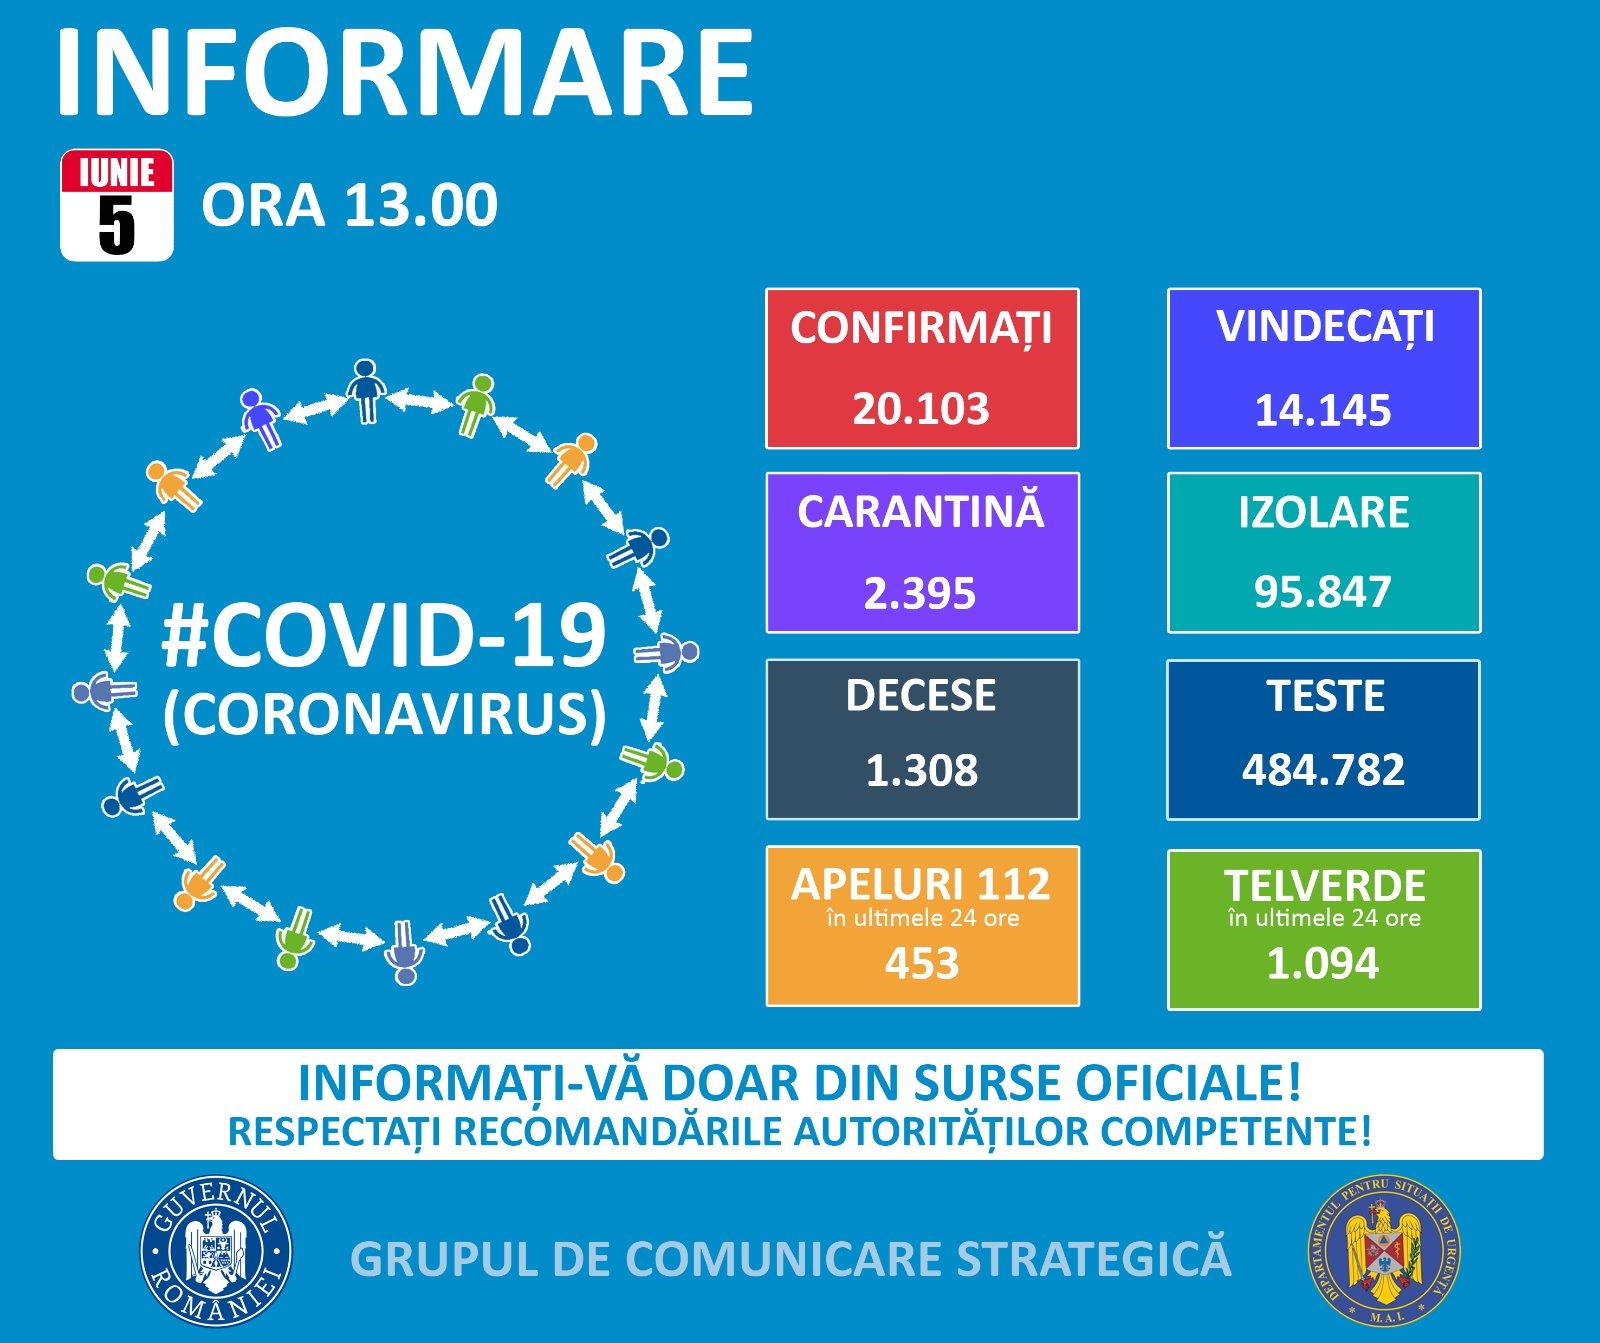 cazuri coronavirus 5 iunie